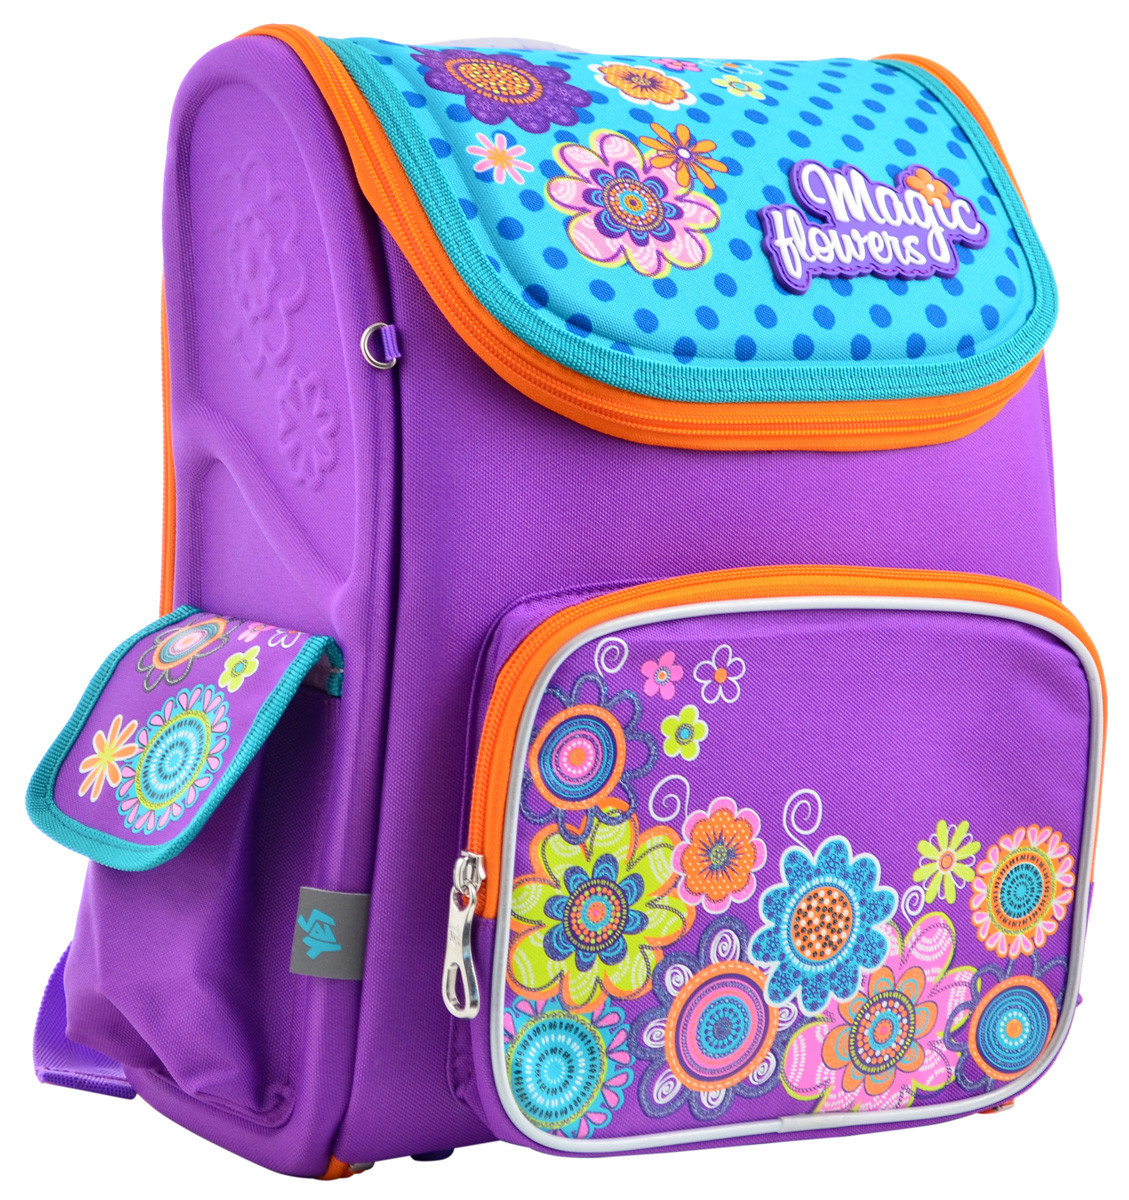 Рюкзак школьный каркасный YES H-17 Flowers, 34.5*28*13.5 555102